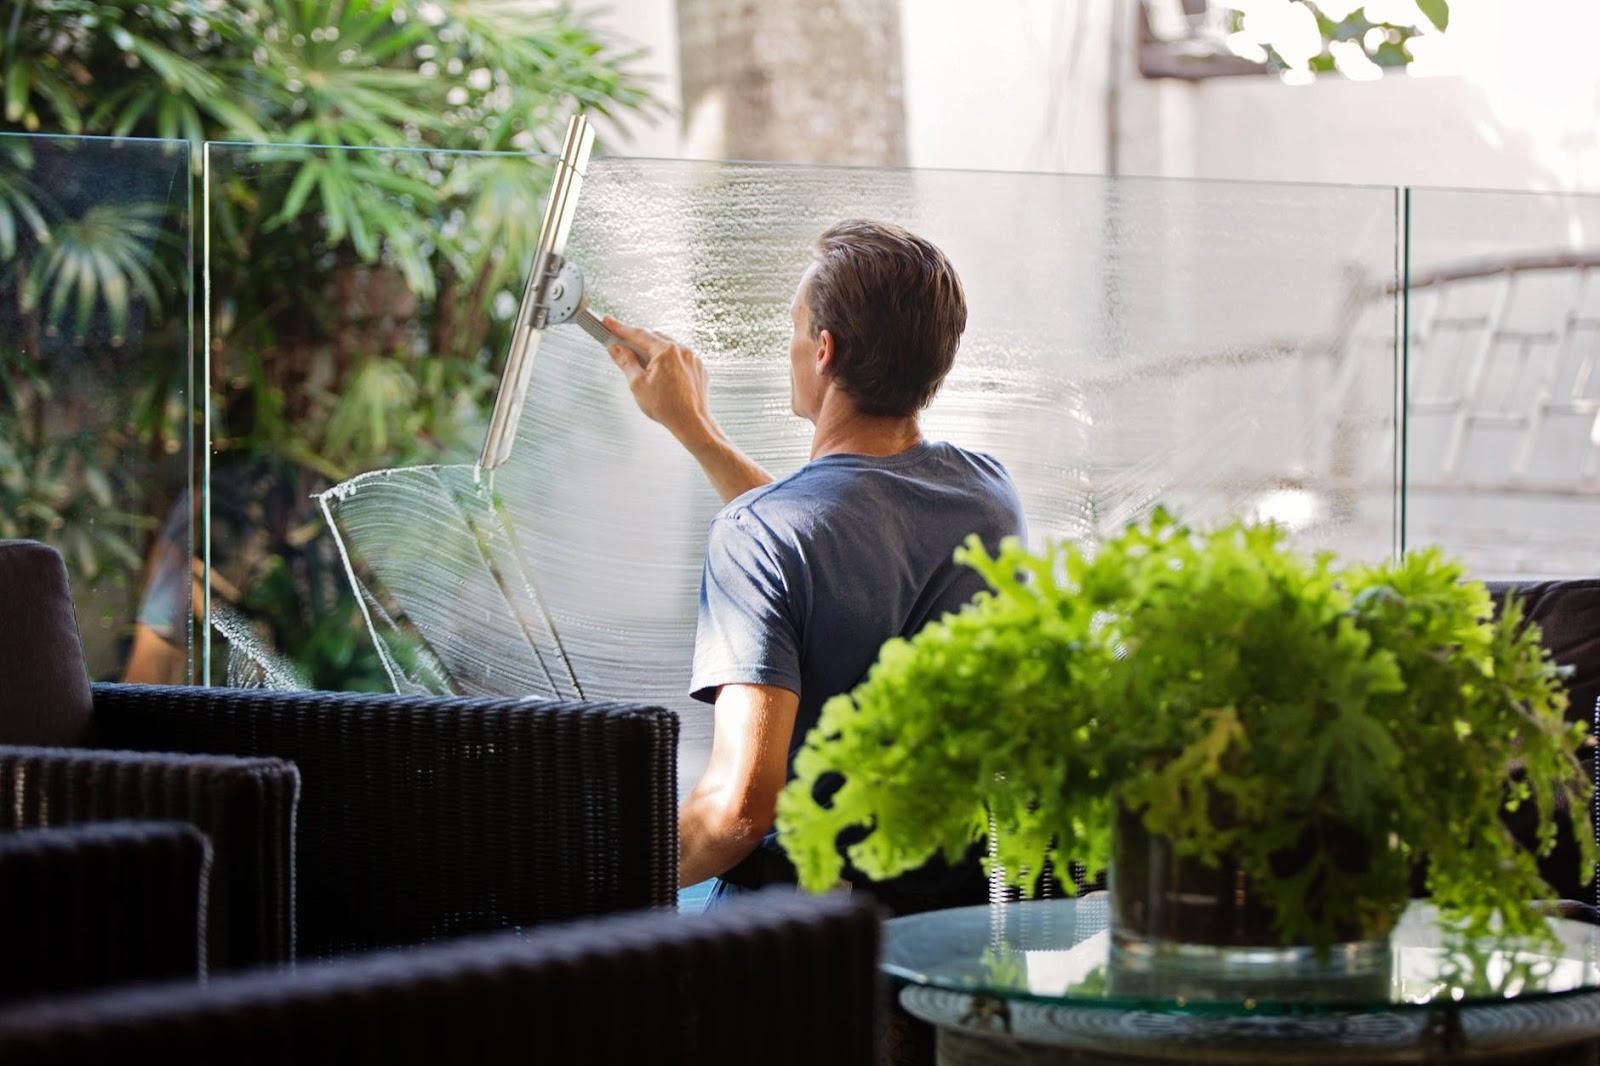 Window Cleaner Needs